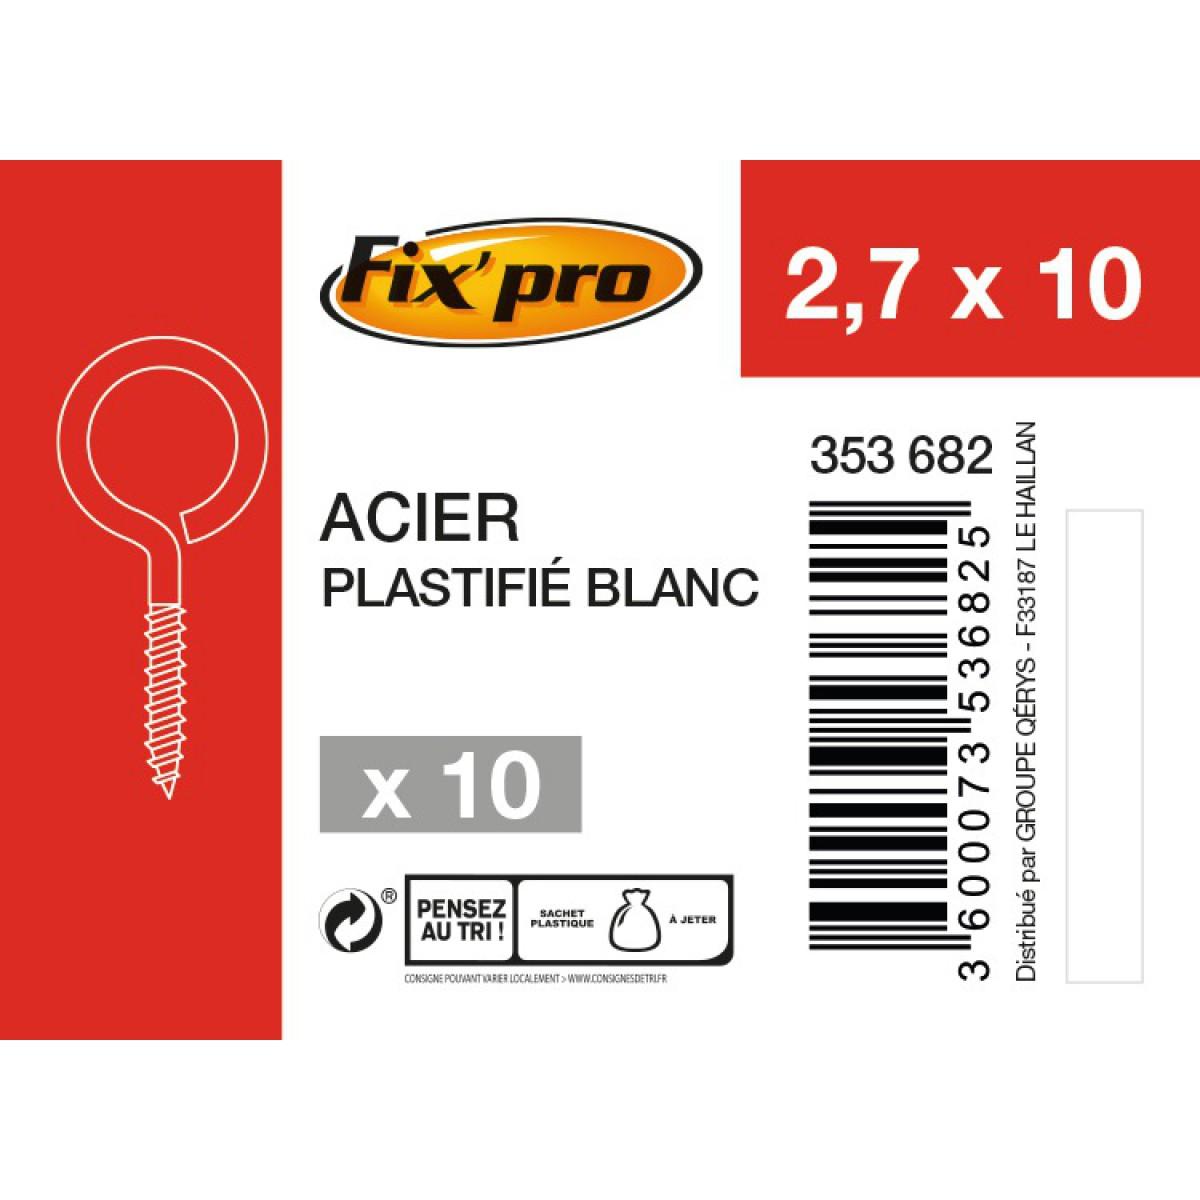 Piton à visser plastifié blanc - 2,7x10 - 10pces - Fixpro